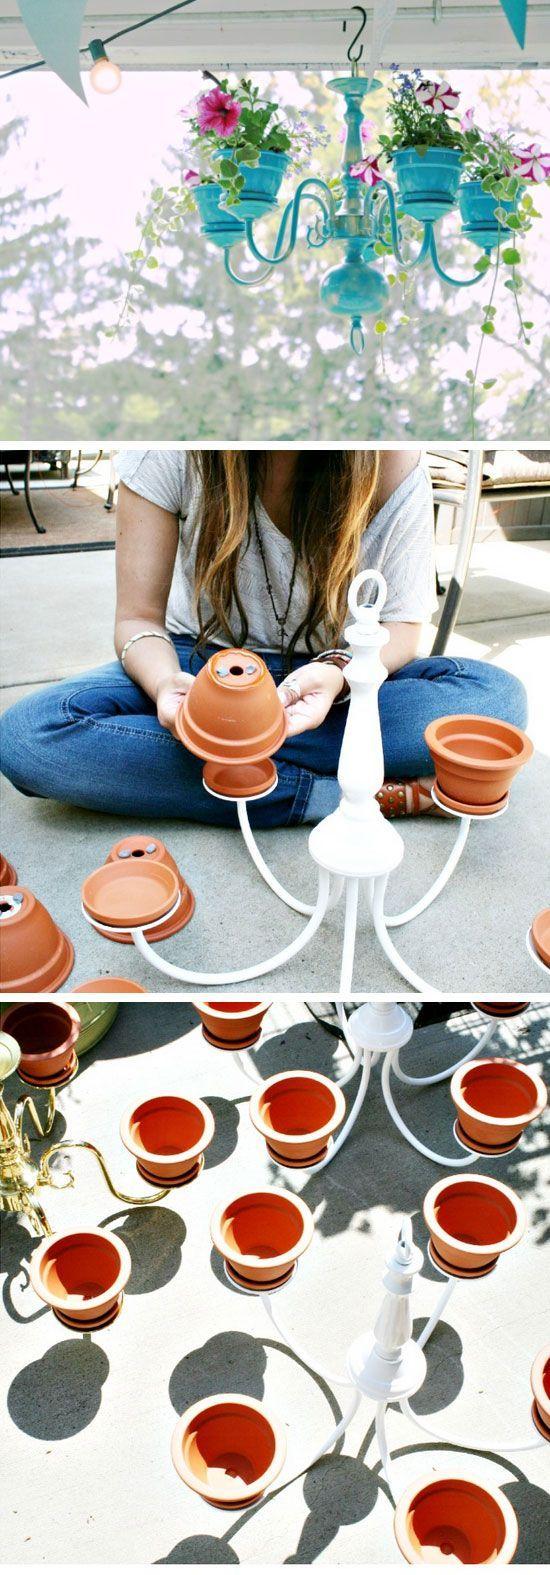 Garden decor projects - Diy Show Off Diy Garden Decorgarden